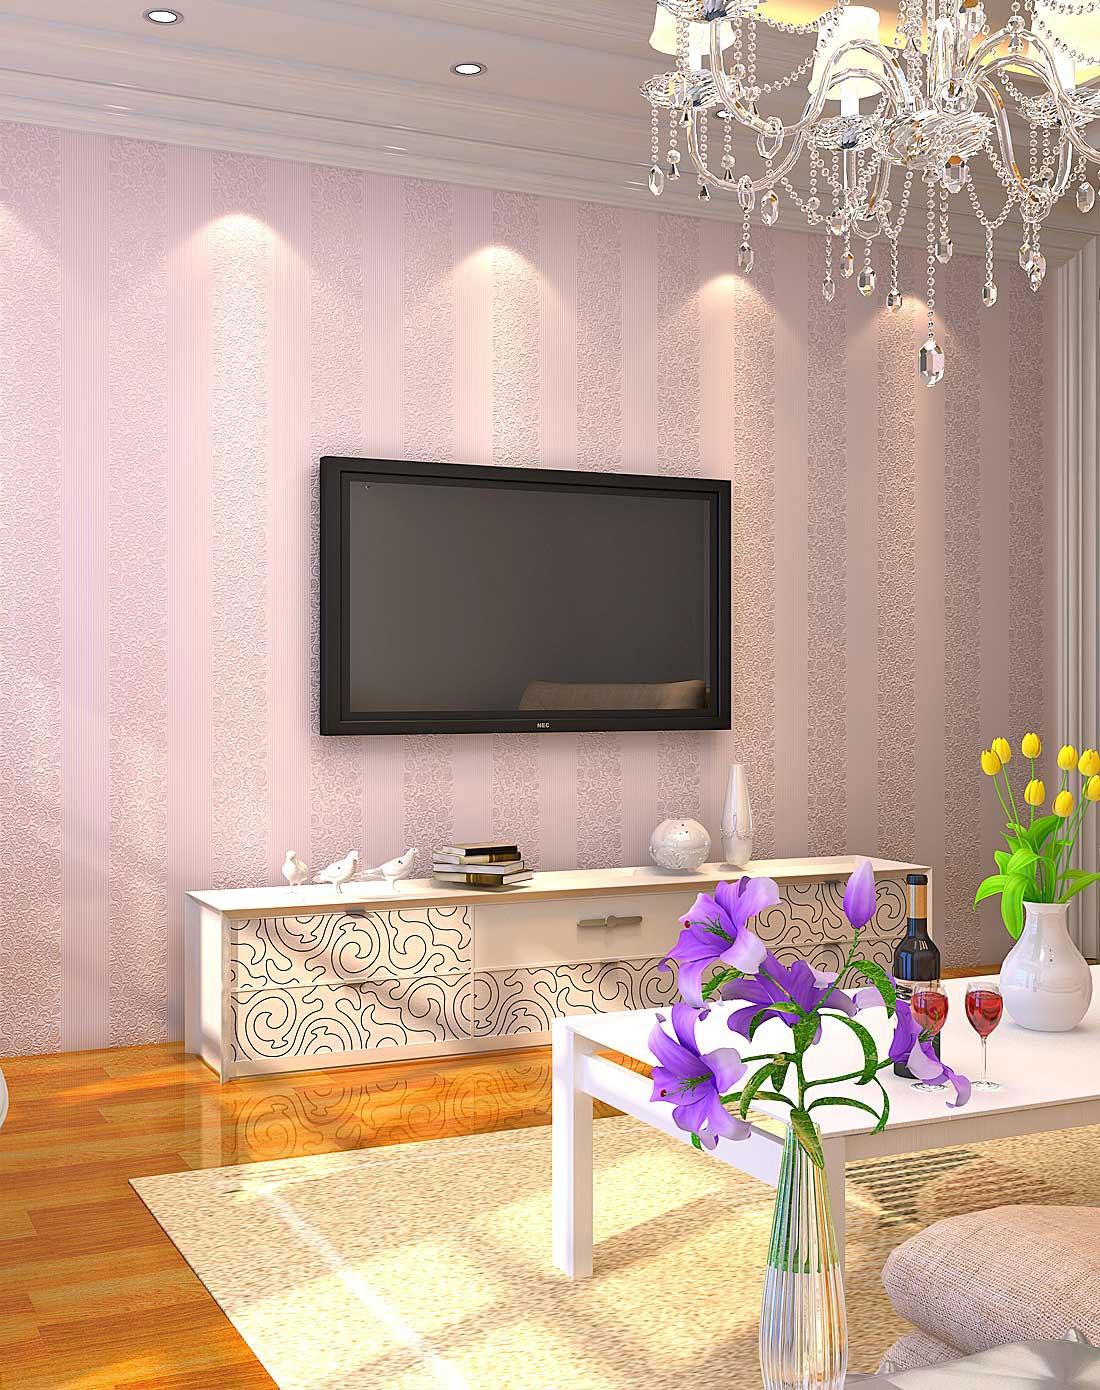 淡粉色欧式简约卧室客厅无纺布墙纸